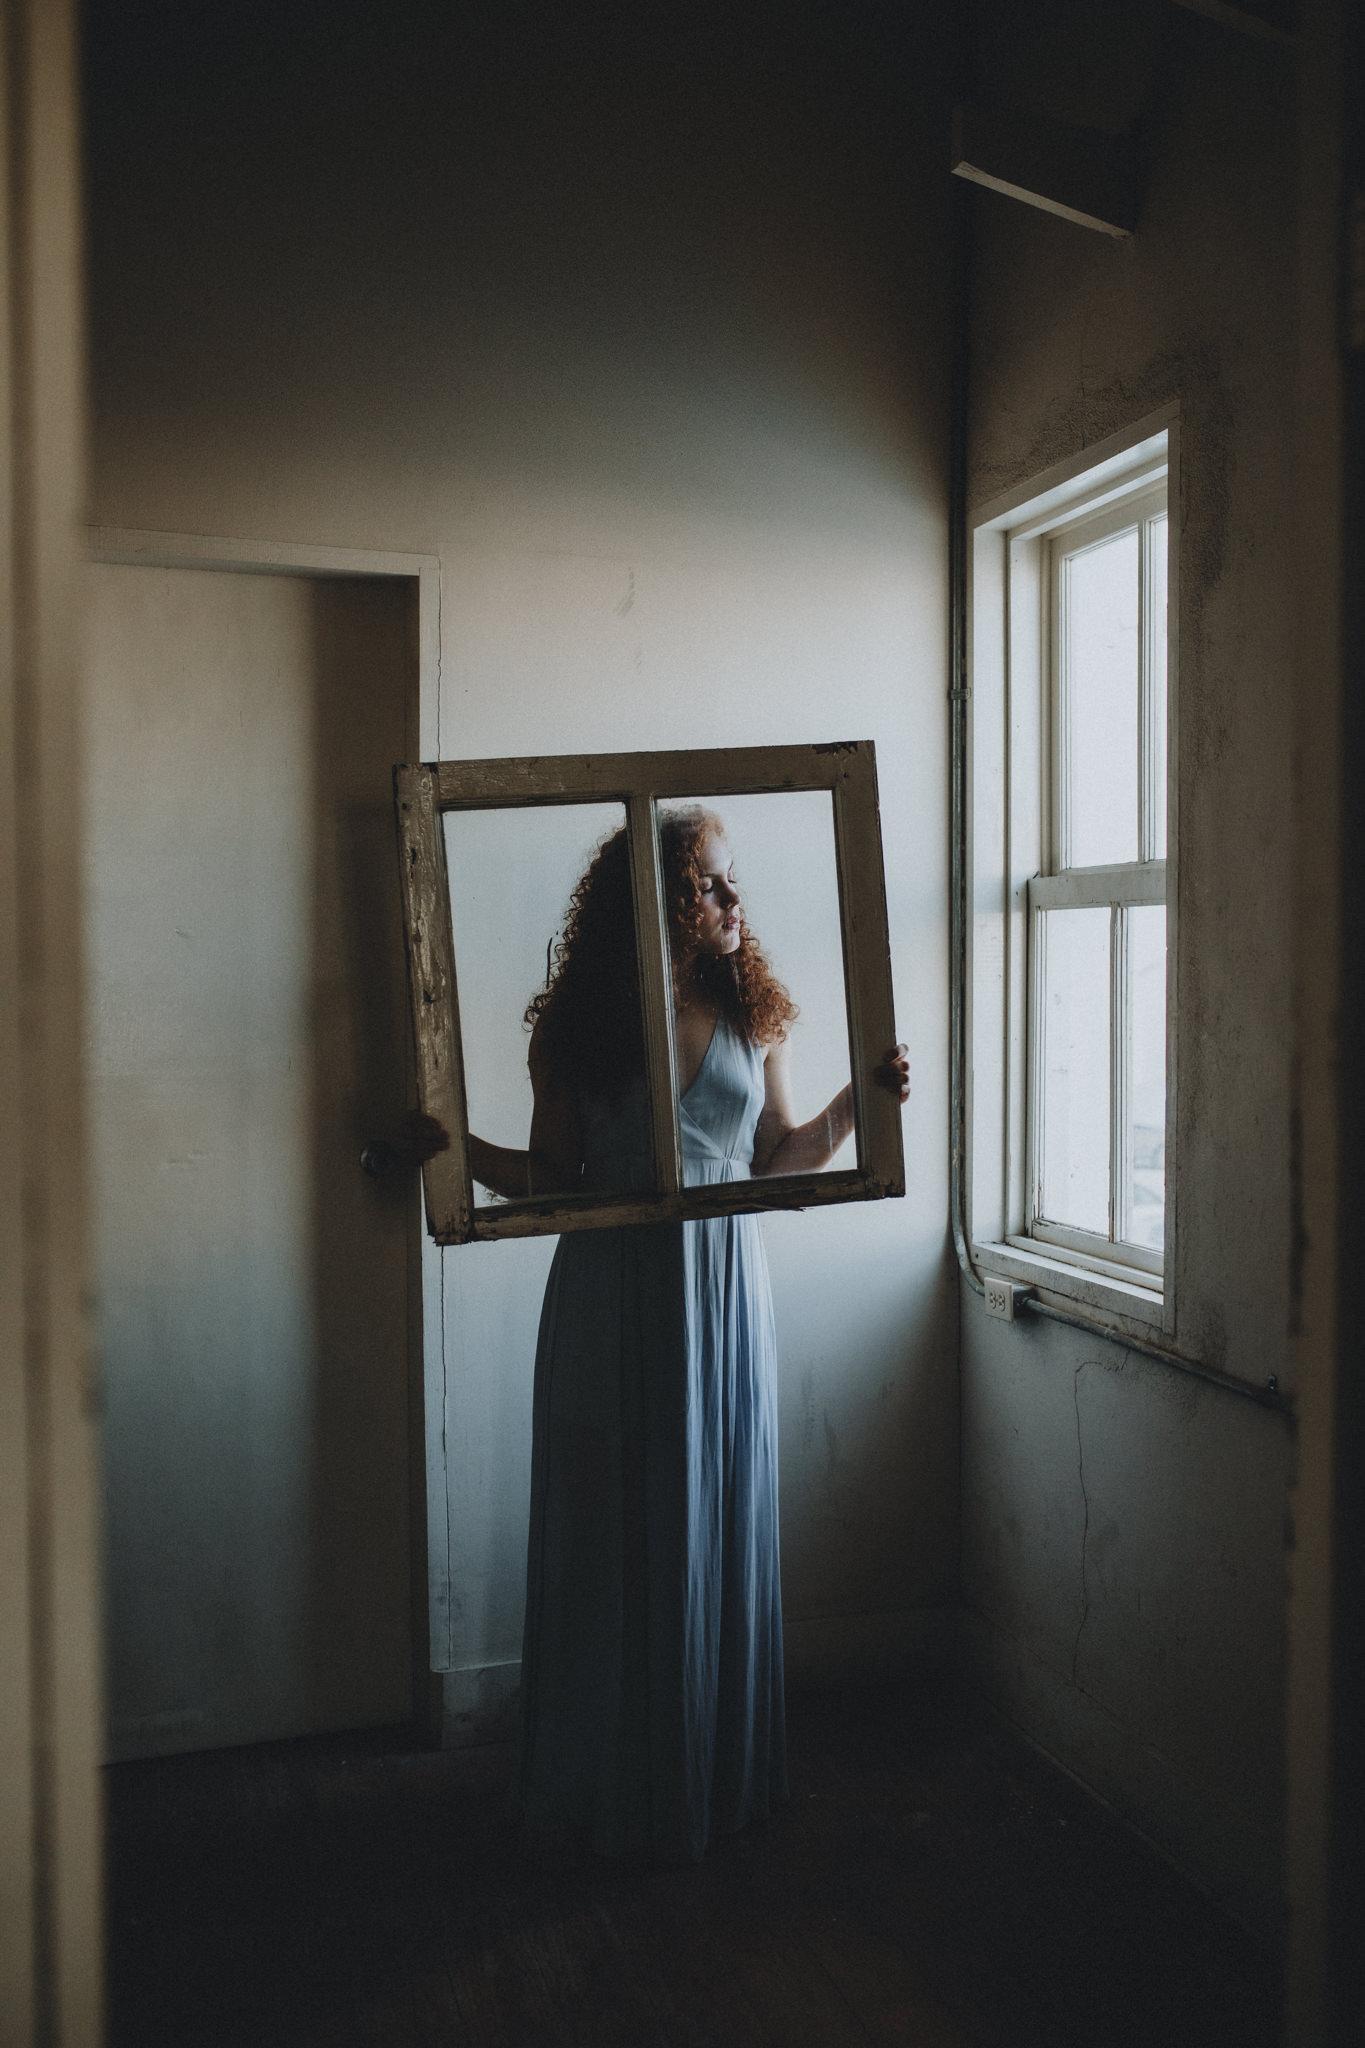 Image by Cecilia Nava